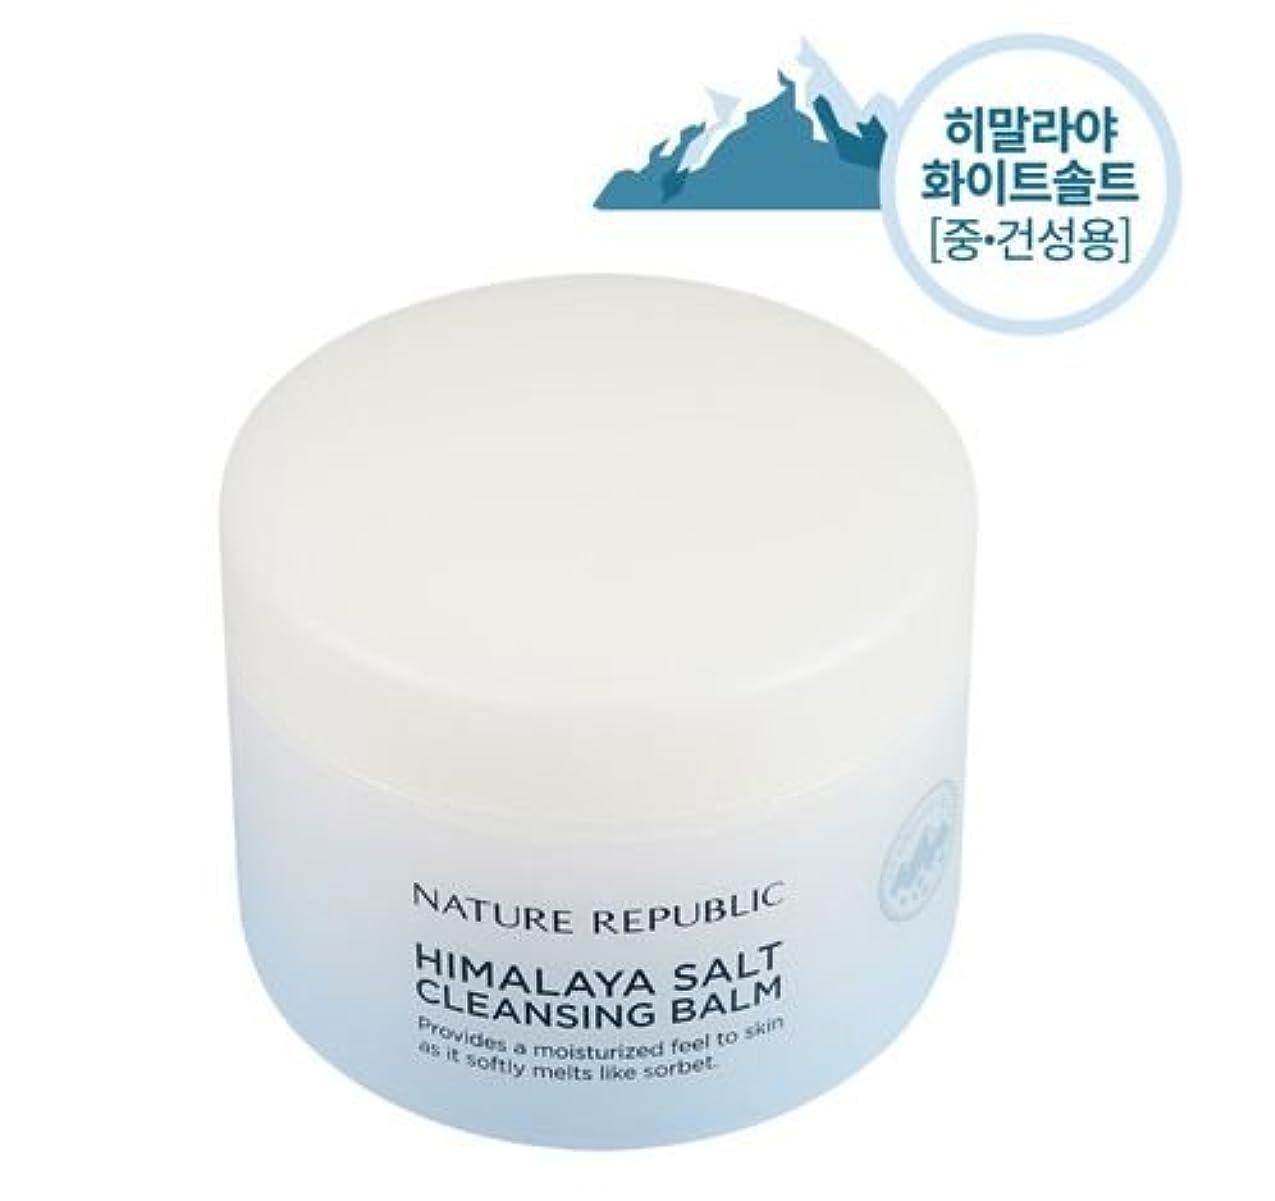 電気技師従順むき出しNATURE REPUBLIC Himalaya salt cleansing balm (white salt)ヒマラヤソルトクレンジングバーム(white salt) [並行輸入品]